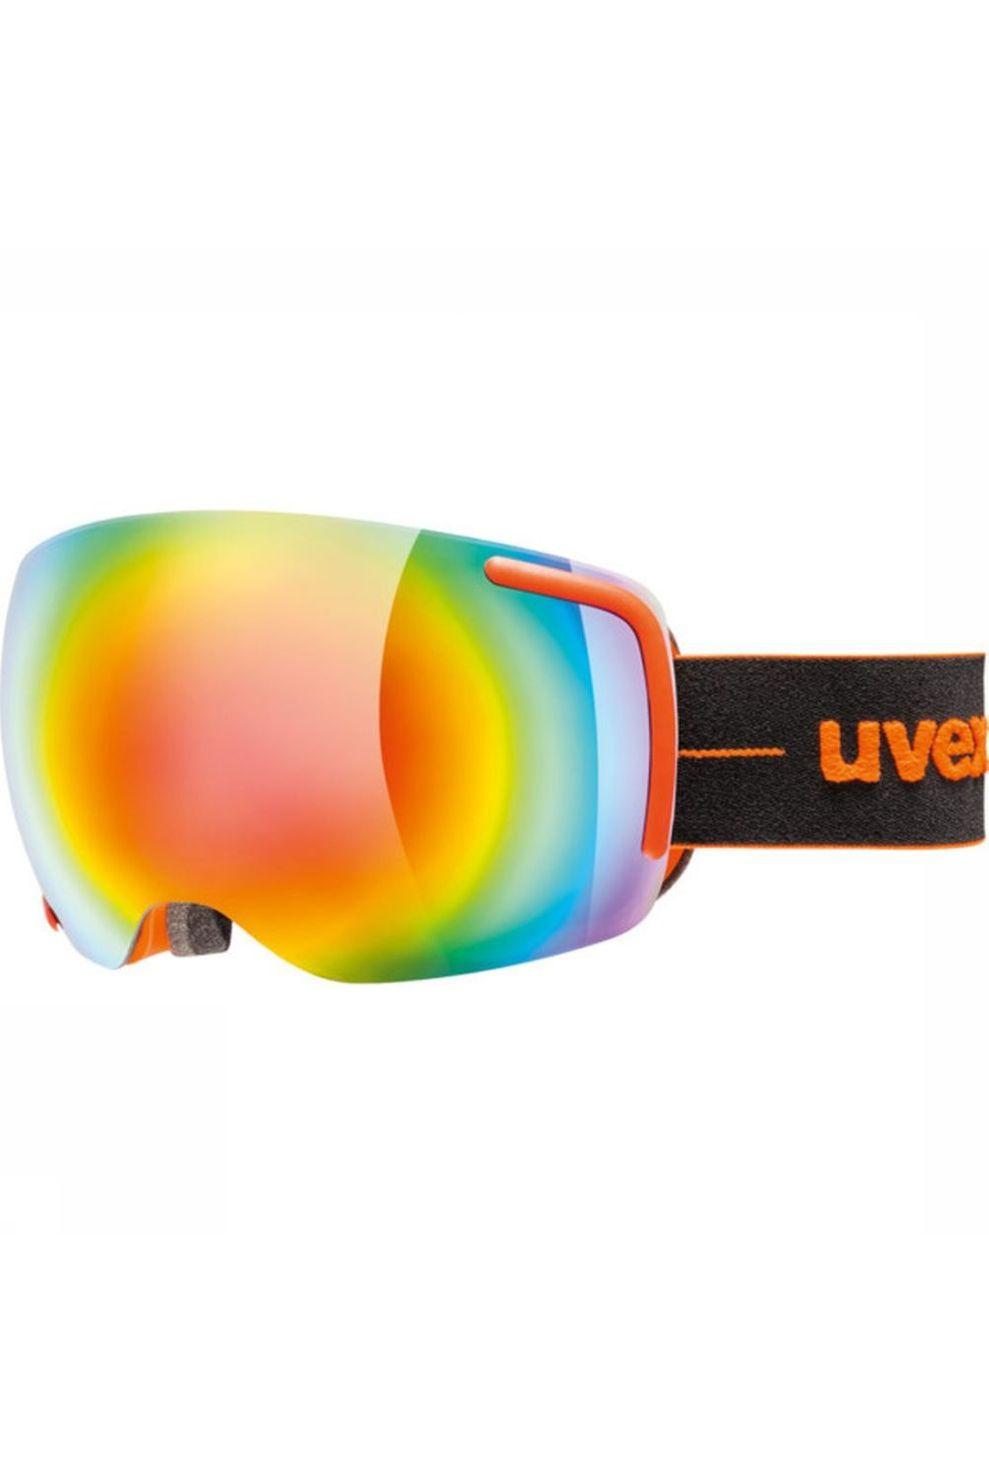 Uvex Skibril Big 40 Fm voor heren - Oranje